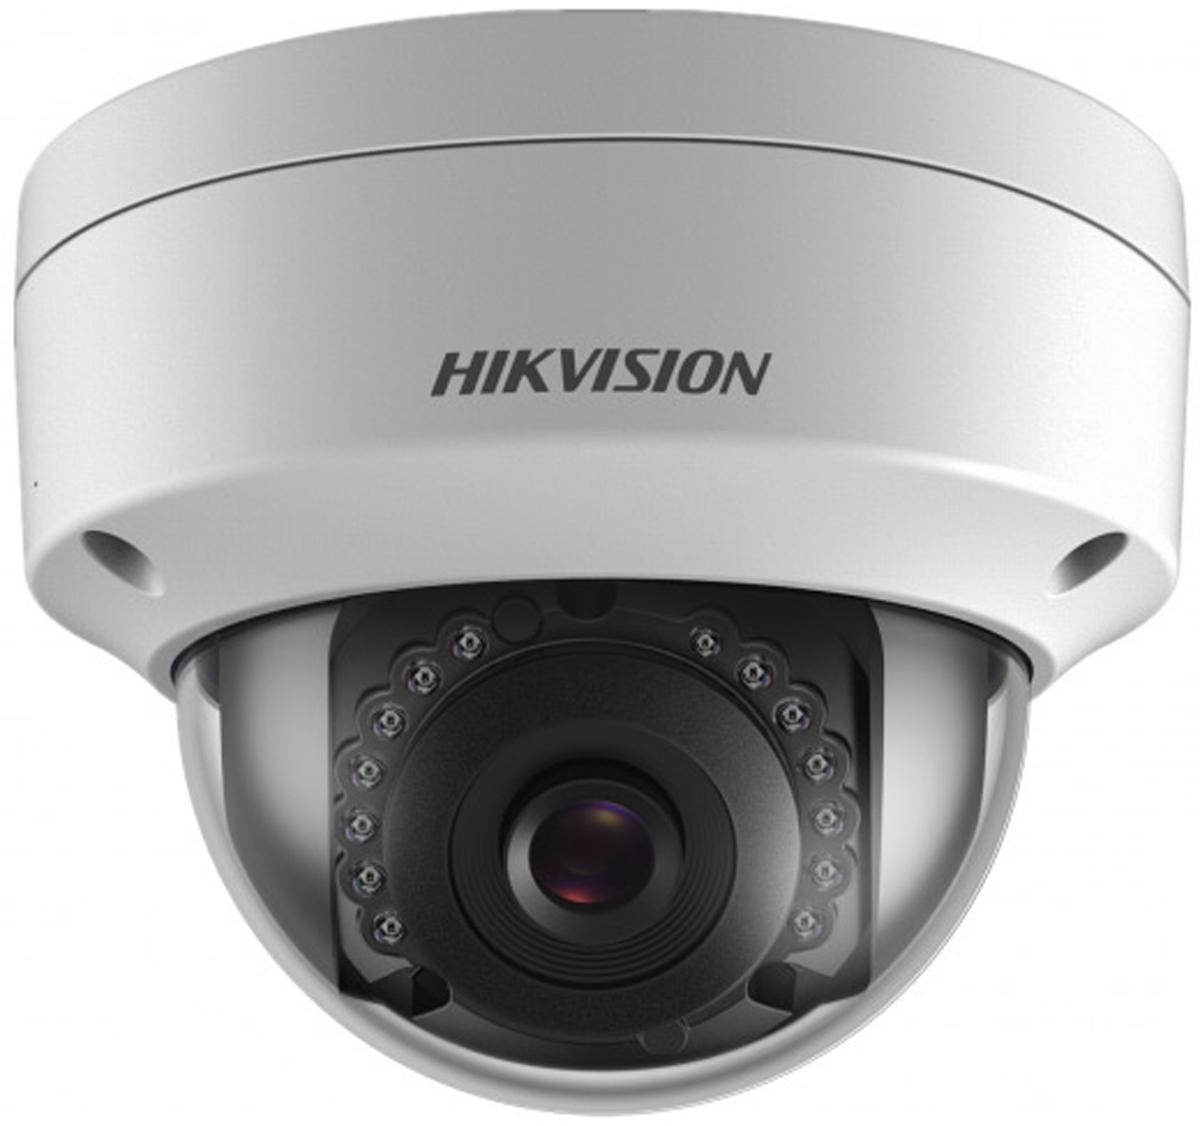 Hikvision DS-2CD2122FWD-IS T 4mm камера видеонаблюдения3469982Мп уличная купольная IP-камера с ИК-подсветкой до 15м1/2.8 Progressive Scan CMOS; объектив 4мм; угол обзора 90°; механический ИК-фильтр; 0.01лк@F1.2; сжатие H.264/MJPEG/H.264+; двойной поток; 1920?1080@25к/с; WDR 120дБ, 3D DNR, BLC, ROI; обнаружение движения, вторжения в область и пересечения линии; слот для microSD до 128Гб; аудиовход/выход 1/1; тревожные вход/выход 1/1; 1 RJ45 10M/100M Ethernet; DC12В± 25%/PoE(802.3af); 5Вт макс; -40 °C...+60 °C; IP67; IK10; вес 0.5кг.